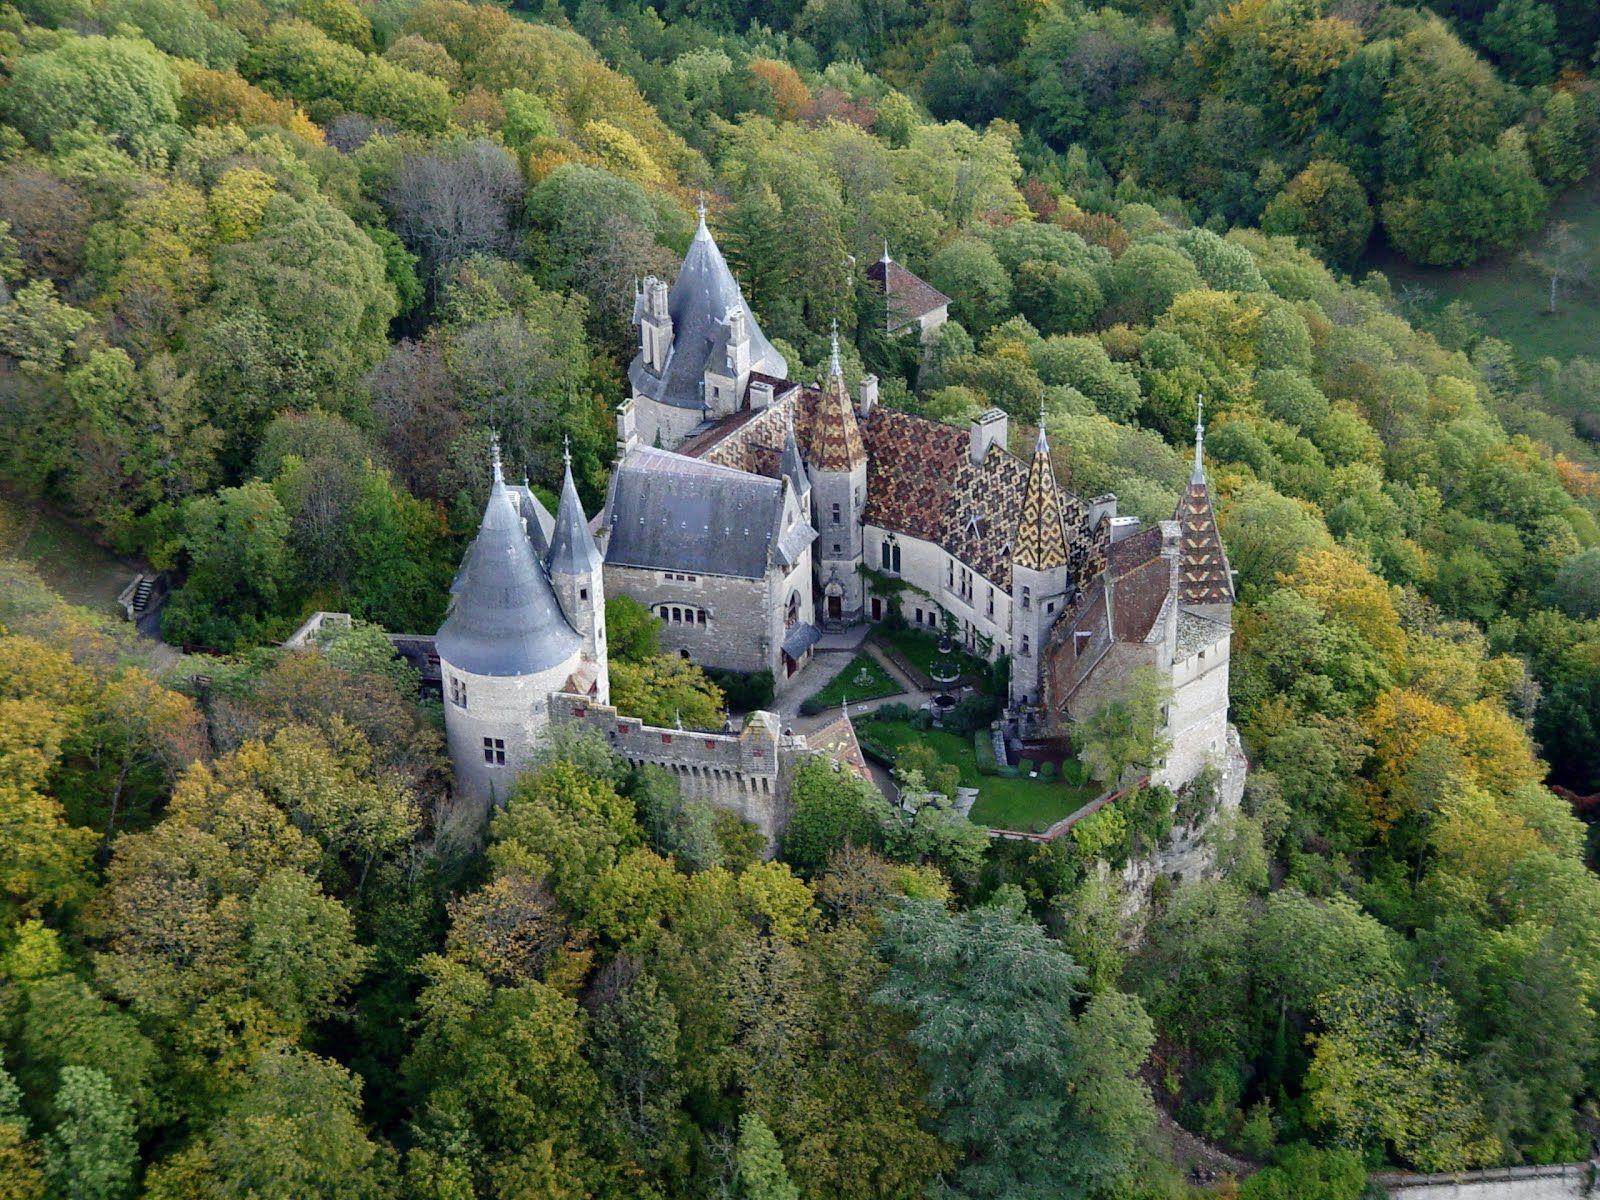 Pin Von Amelia Munoz Madriz Auf Burg Und Schlosser In 2020 Burgen Und Schlosser Franzosische Schlosser Burg Hauser